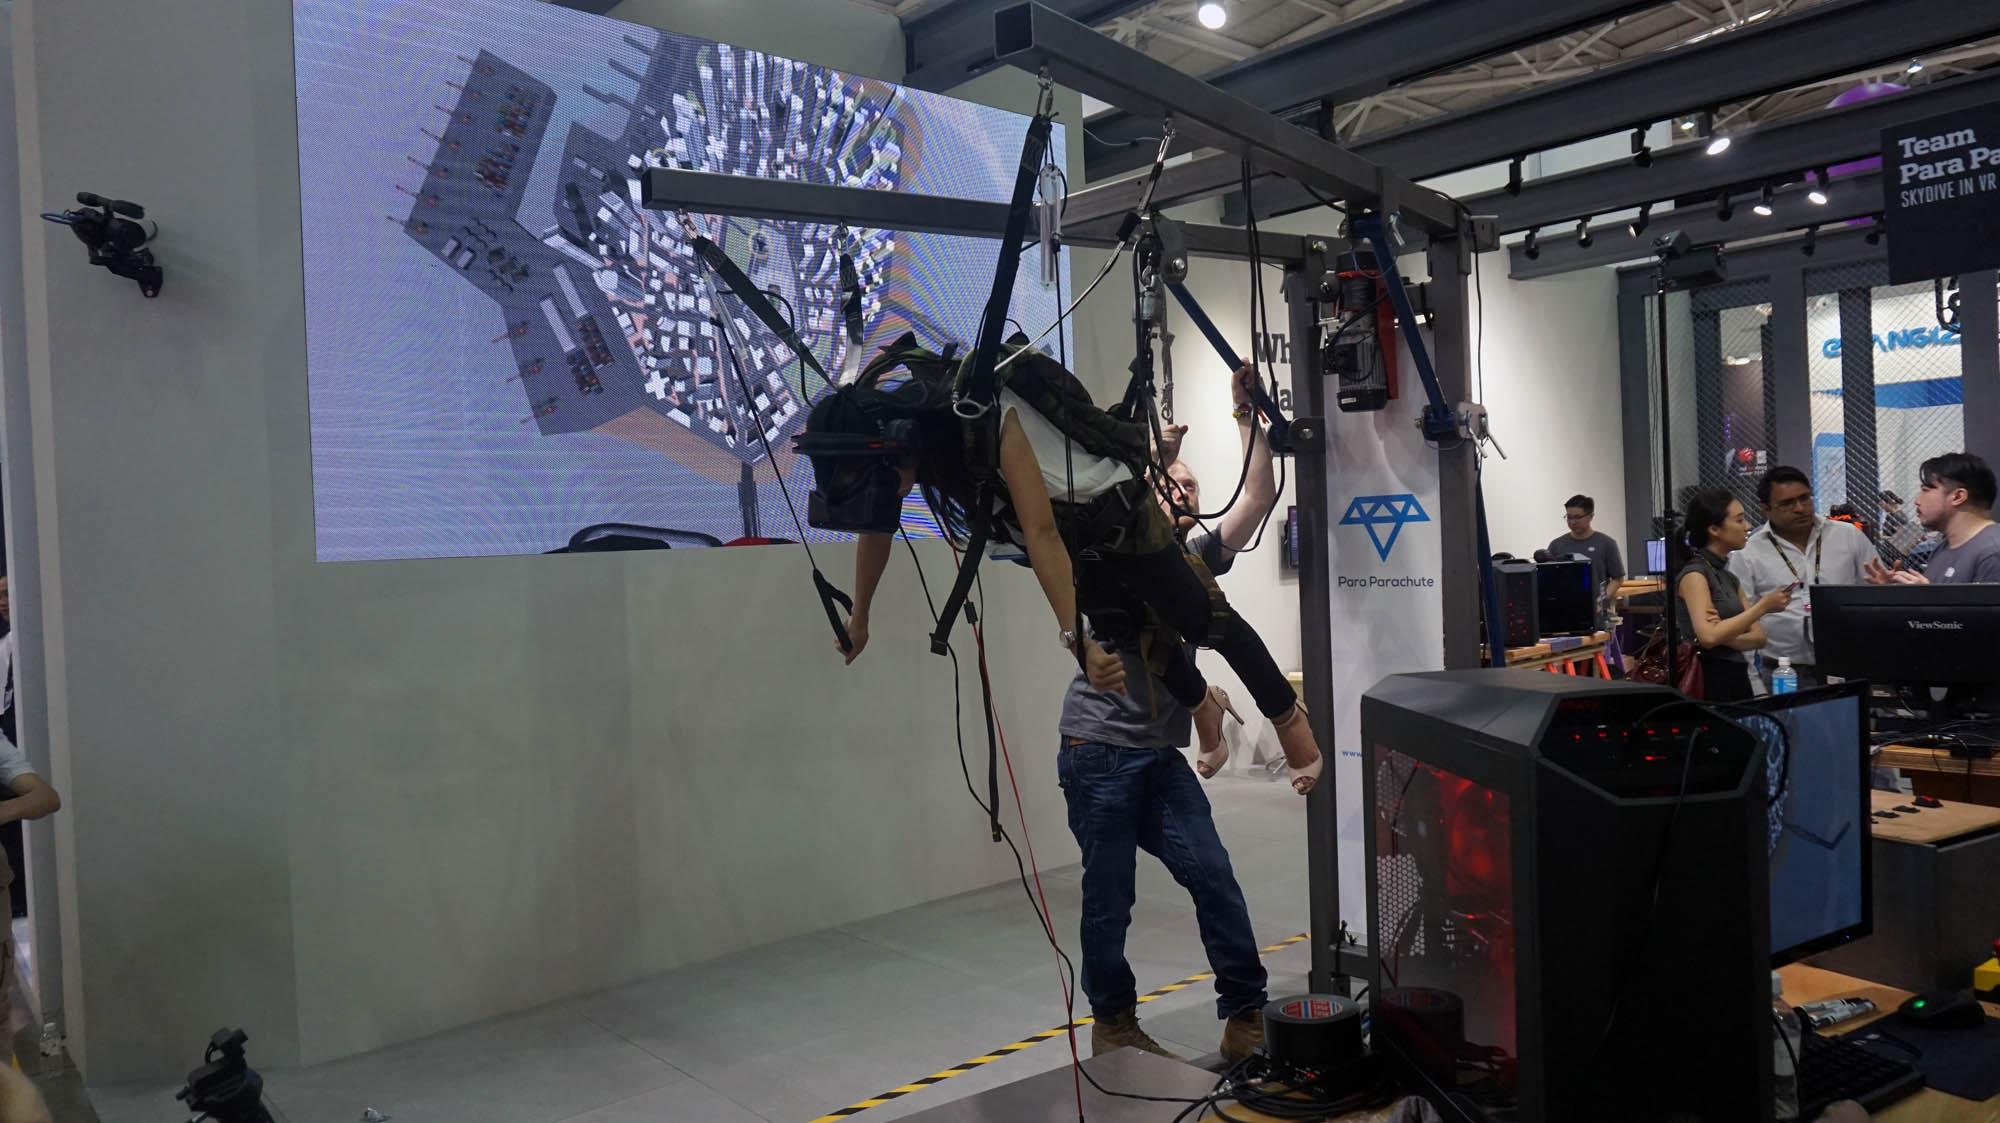 saut en parachute vr